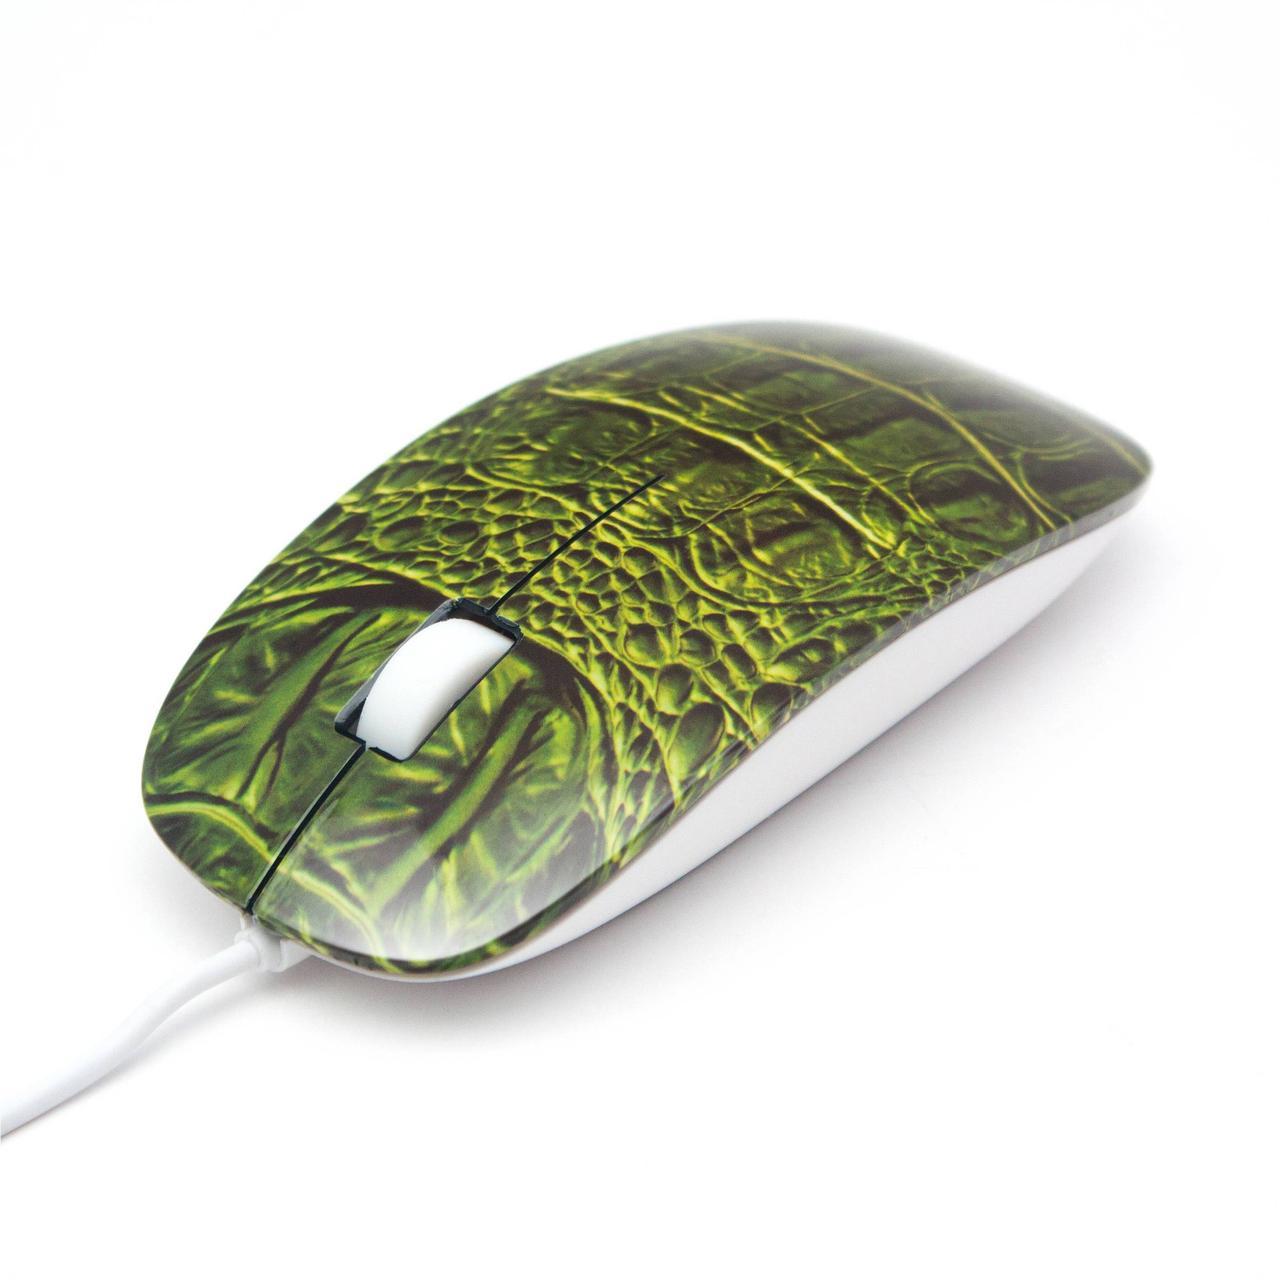 Мышь, Delux, DLM-111OUC, 3D, Оптическая, 800dpi, USB, Длина кабеля 1, 6 метра, Размер: 112, 1*56, 5*26, 81 мм., Молдинг, Крокодил